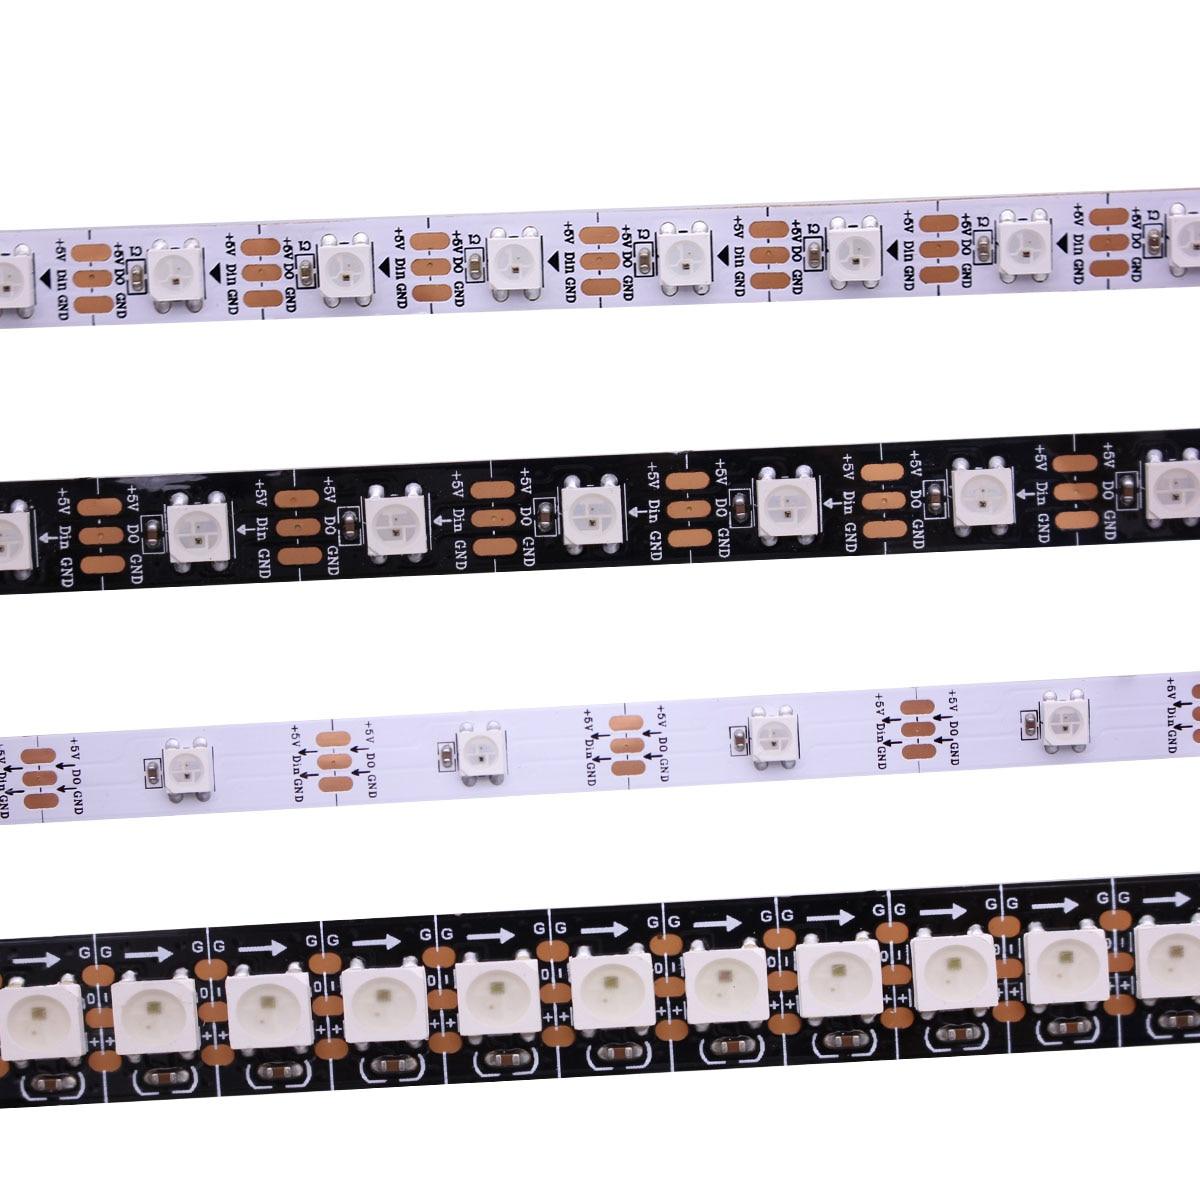 Умная Светодиодная лента WS2812B, 1 м/5 м, черная/белая печатная плата, 30/60/144 светодиодов/м WS2812 IC; WS2812B/m 30/60/144 пикселей, IP30/IP65/IP67 DC5V